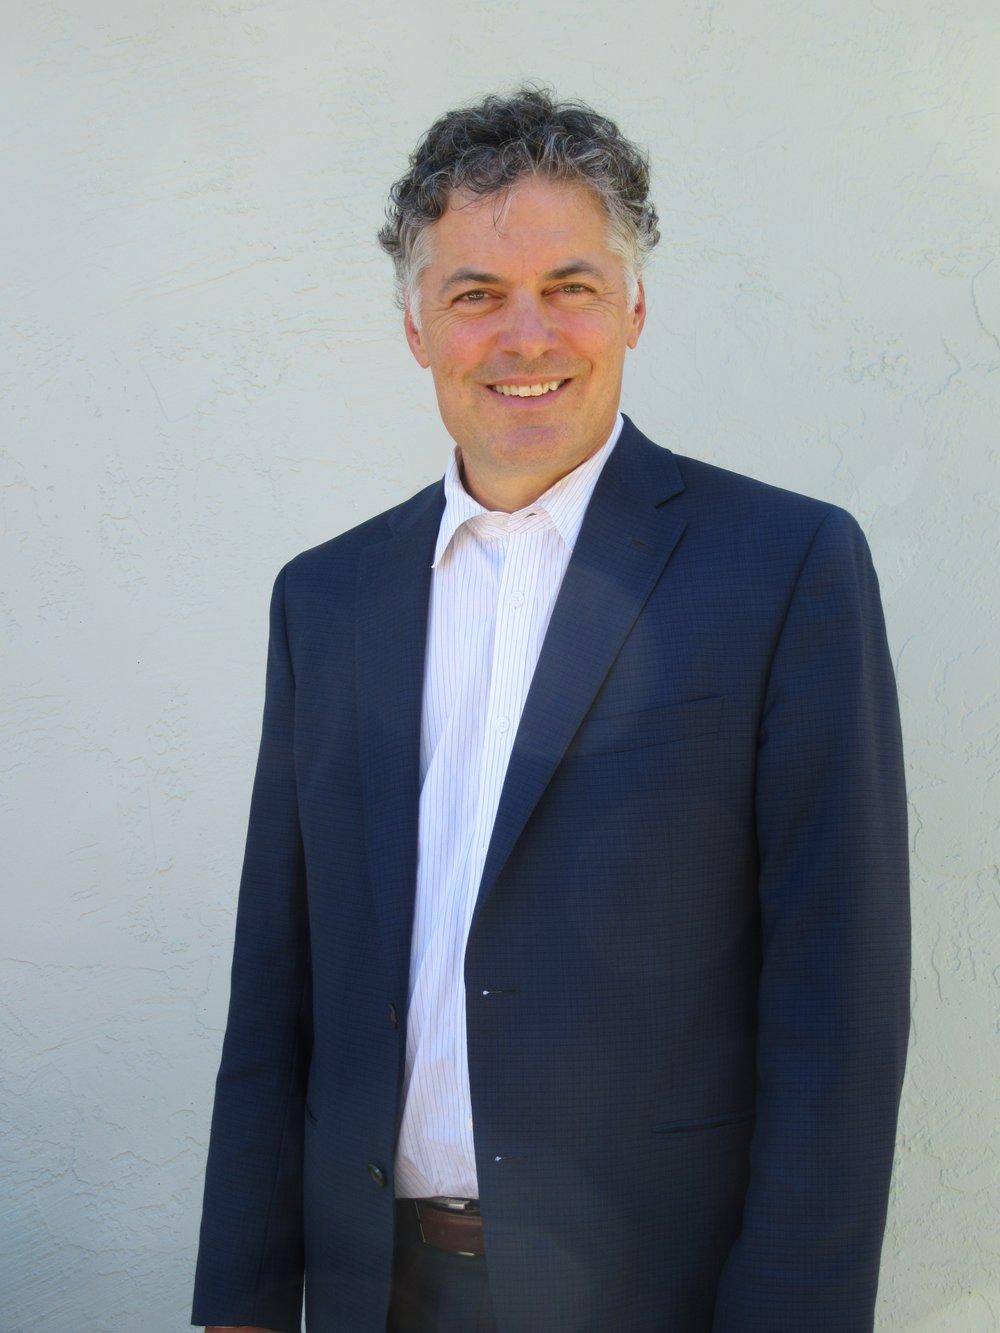 Steve Juliani